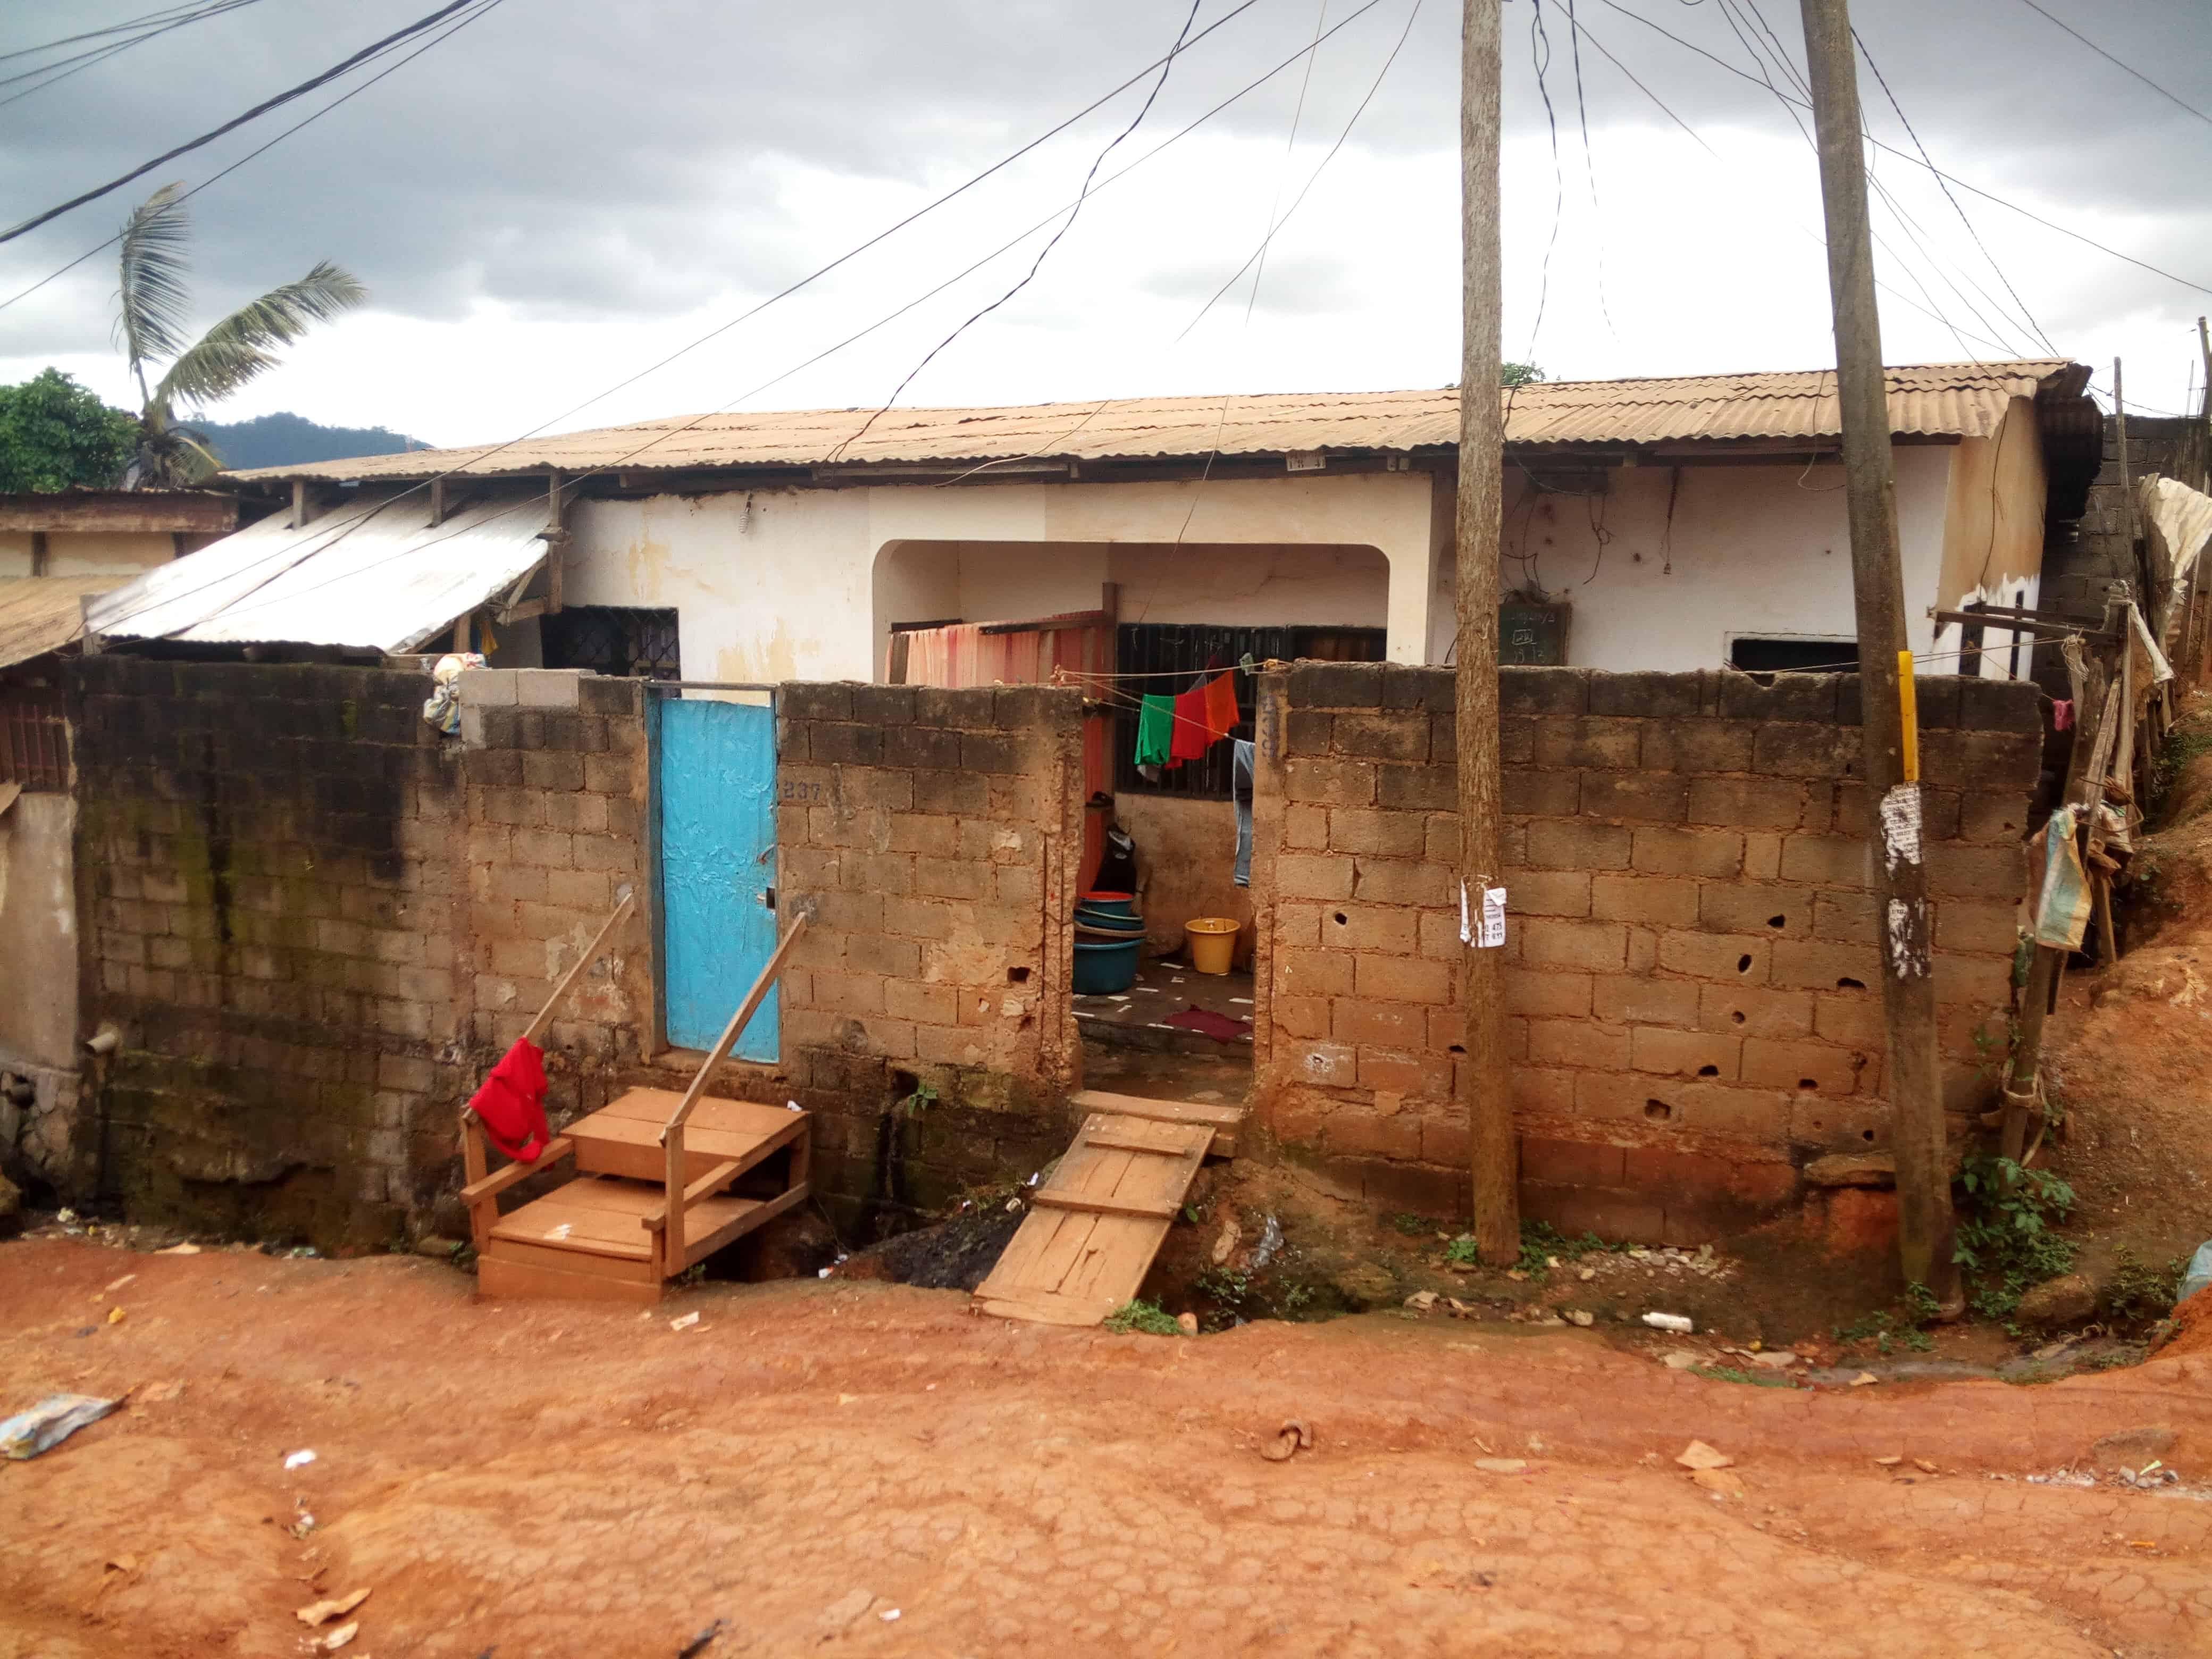 Maison (Maison sur pied) à vendre - Yaoundé, Biyem-Assi, Tam-tam - 3 salon(s), 4 chambre(s), 2 salle(s) de bains - 25 000 000 FCFA